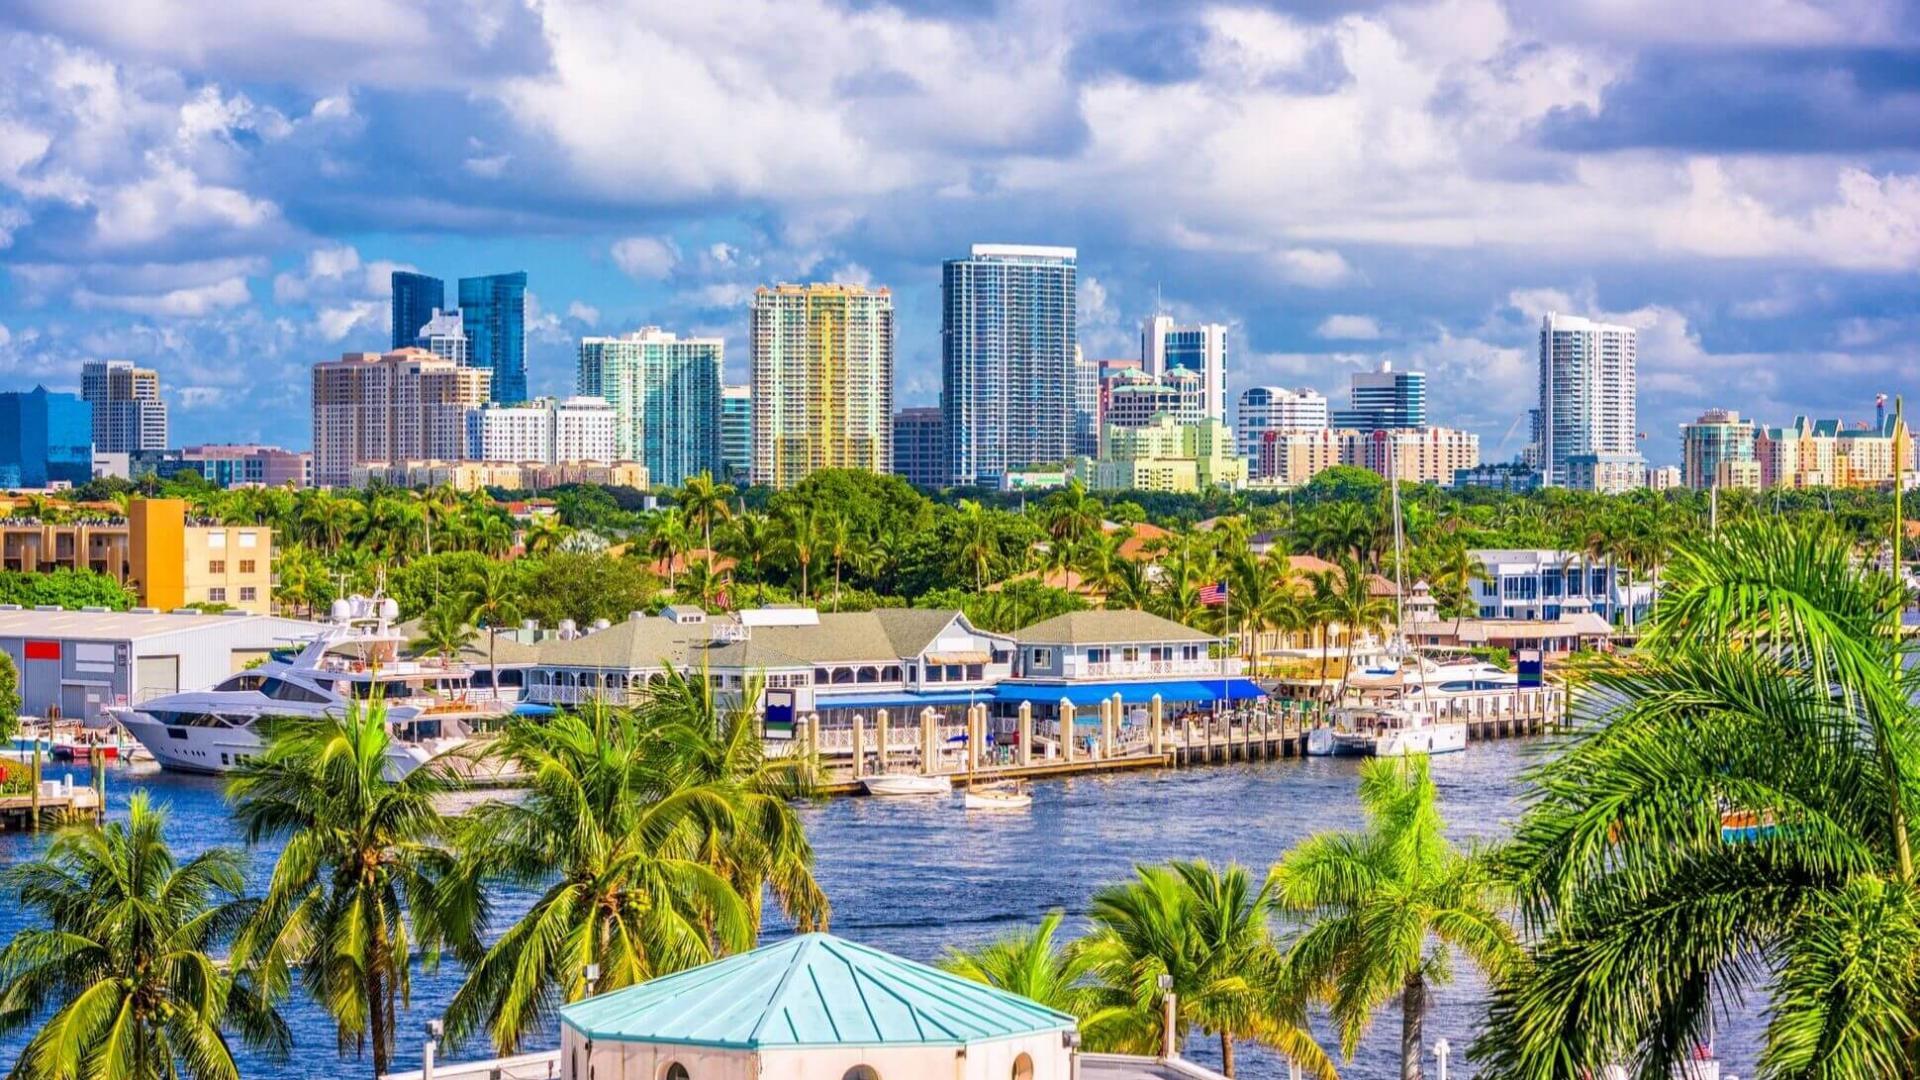 Kelionės pradžia - Majamis